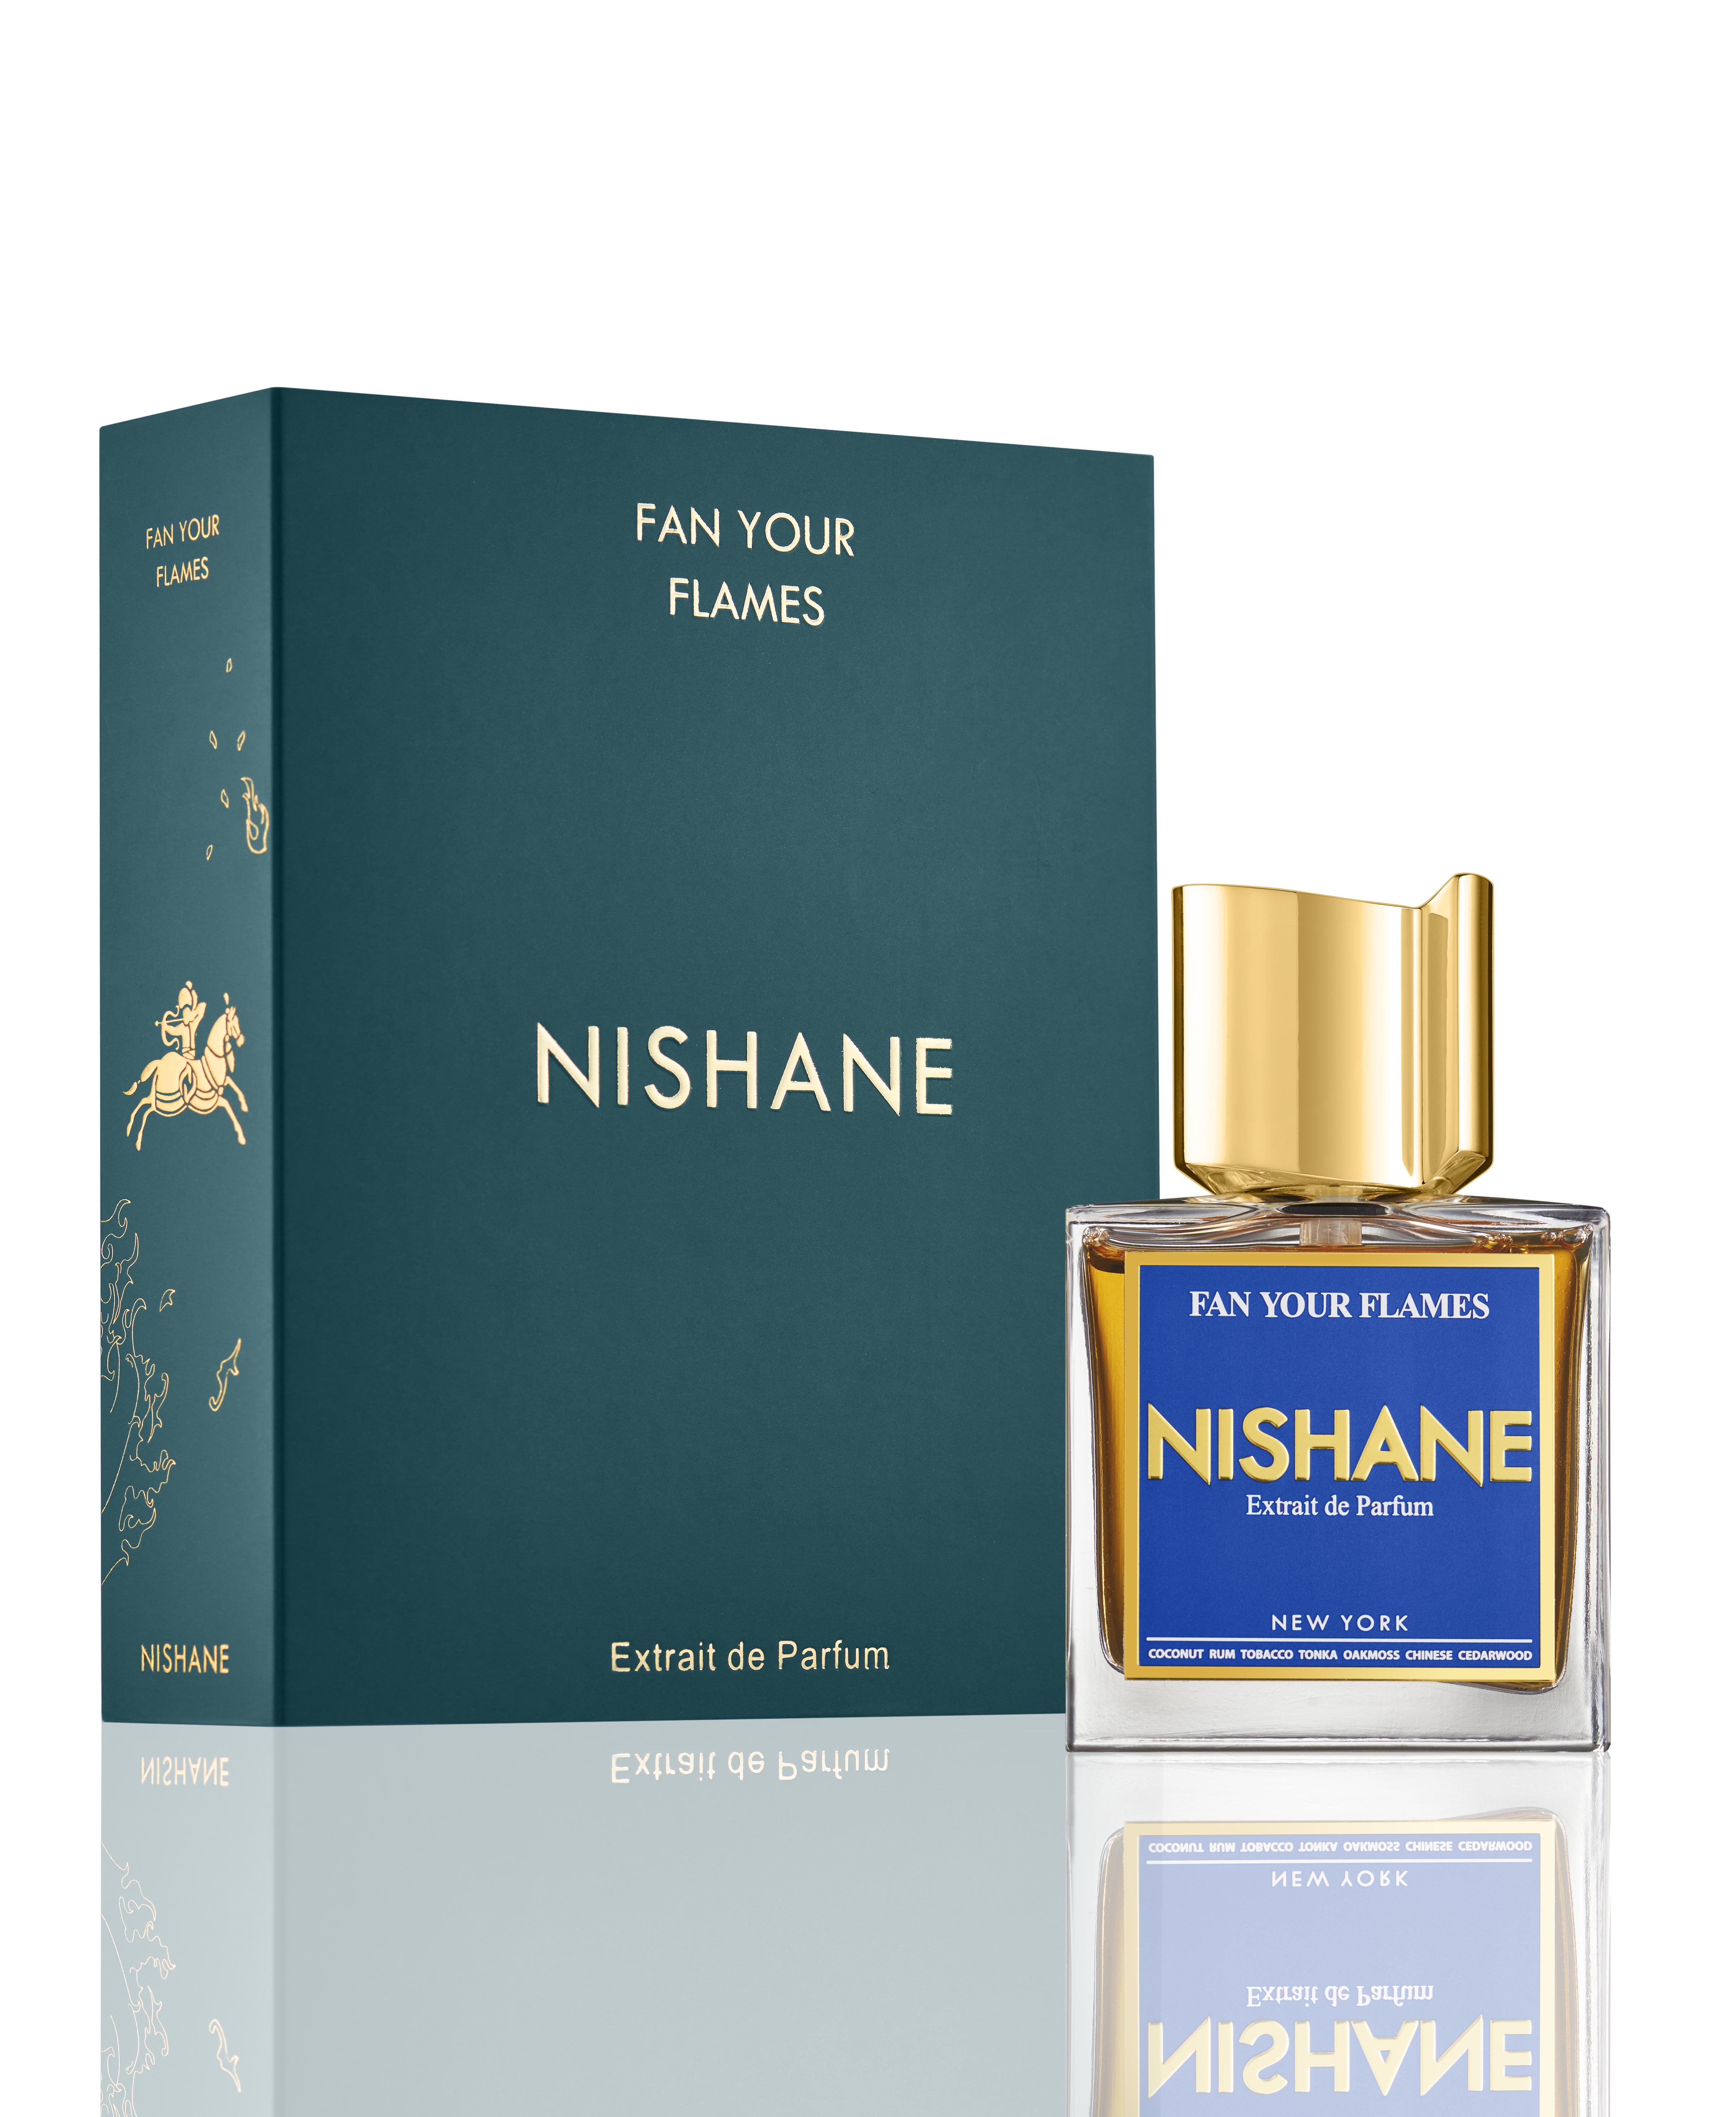 Nishane - Fan Your Flames - Extrait de Parfum 50 ml